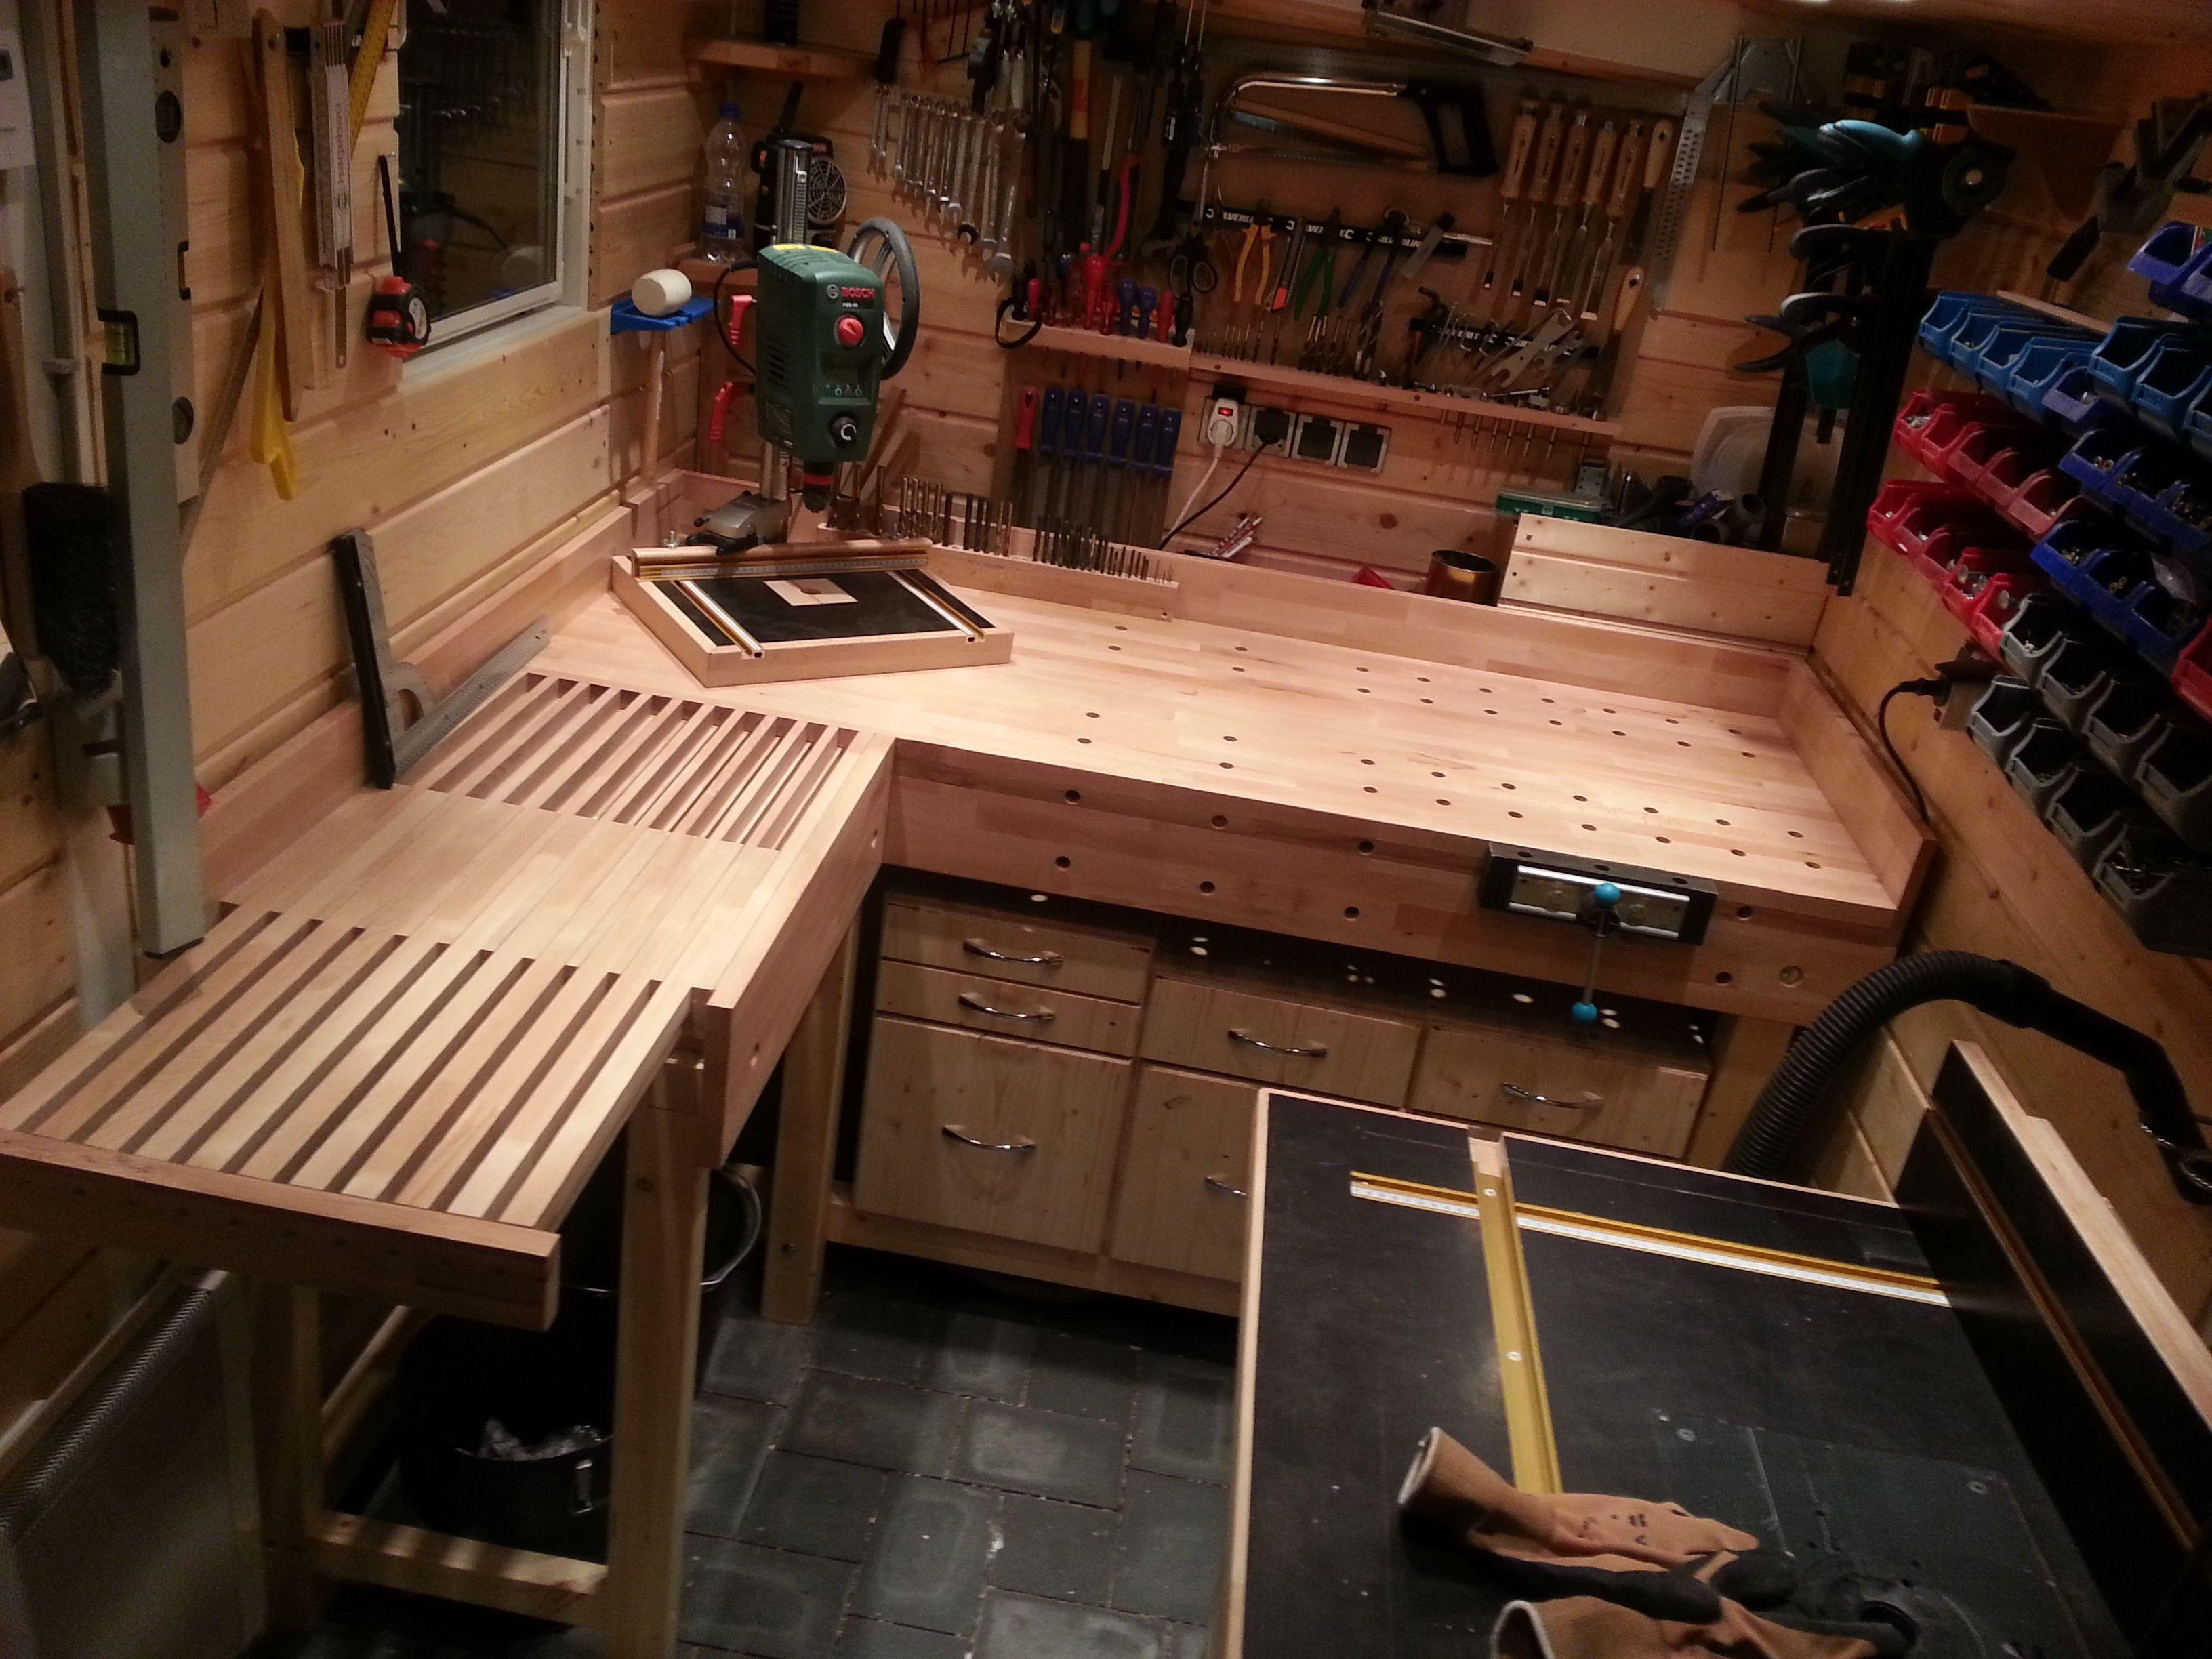 Ausziebare Werktischplatte Bauanleitung zum selber bauen